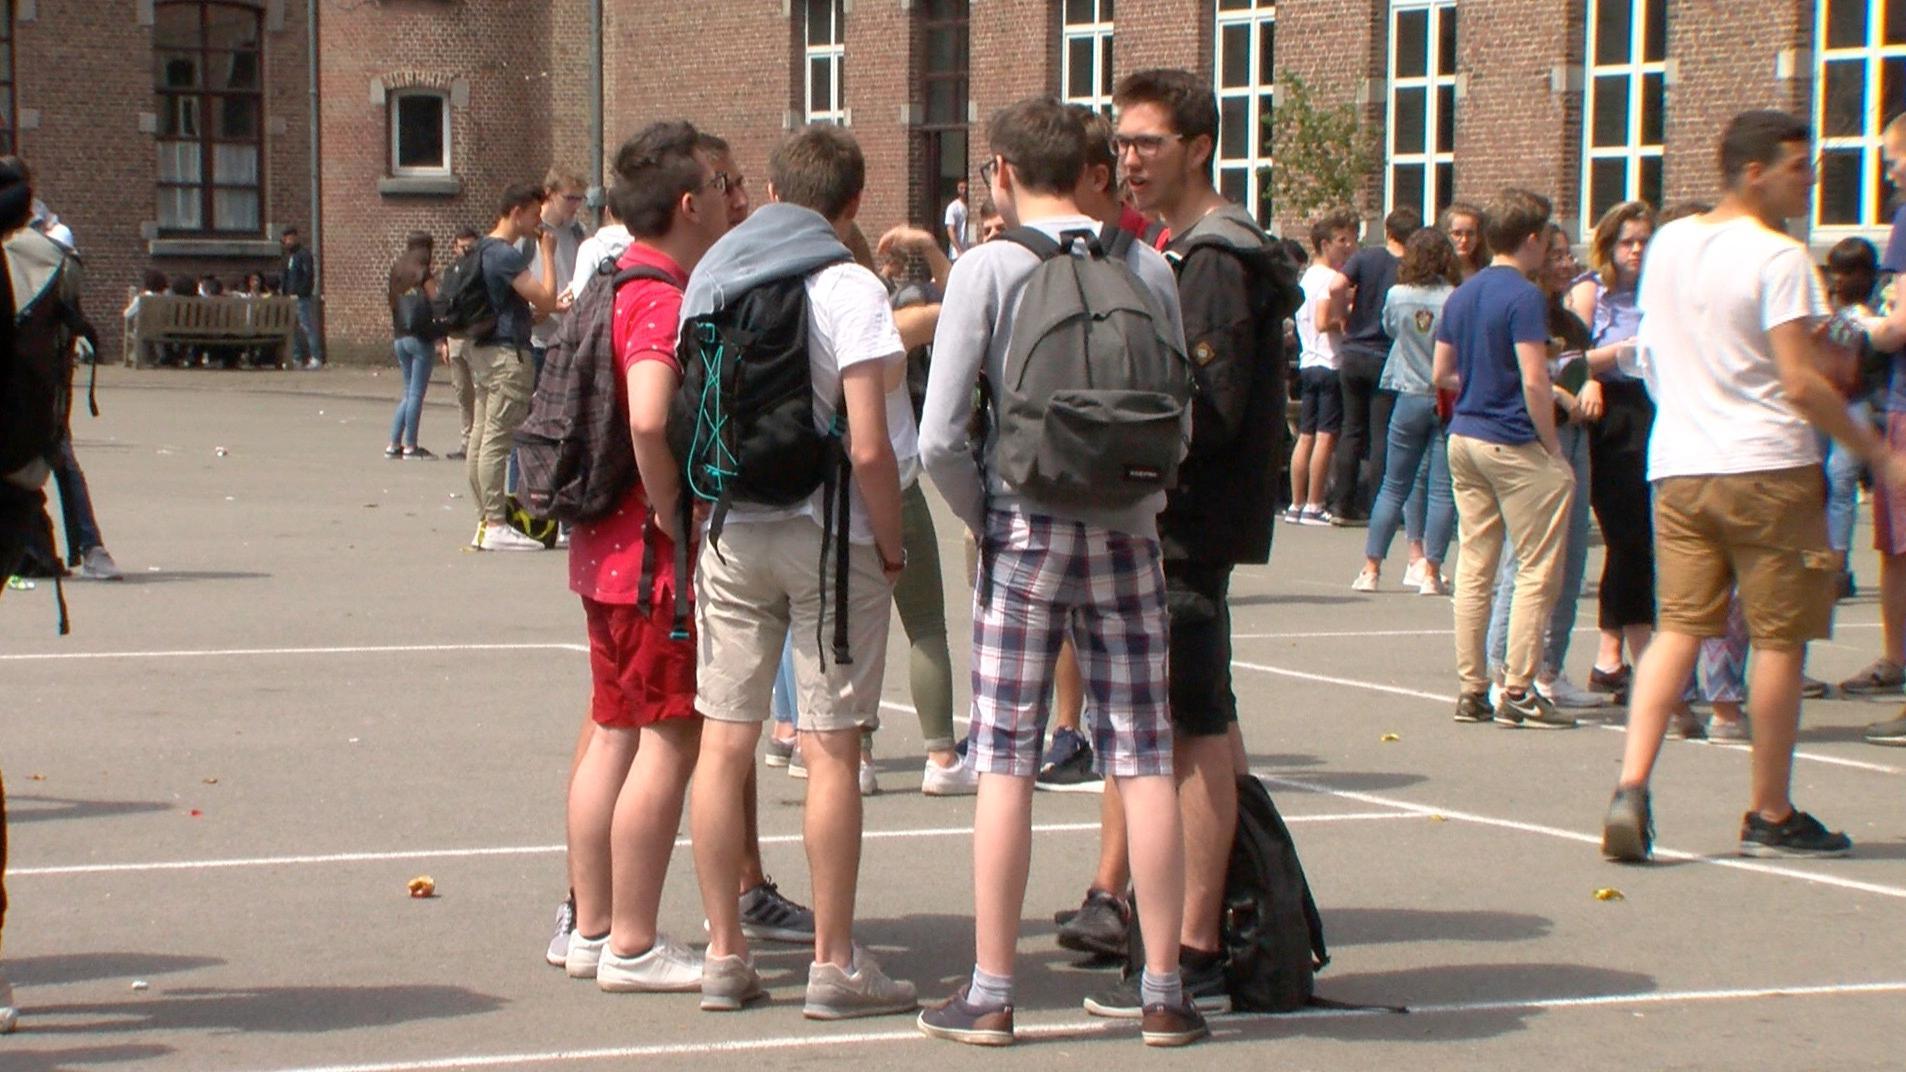 Les élèves du collège Saint-Augustin manifestent en short